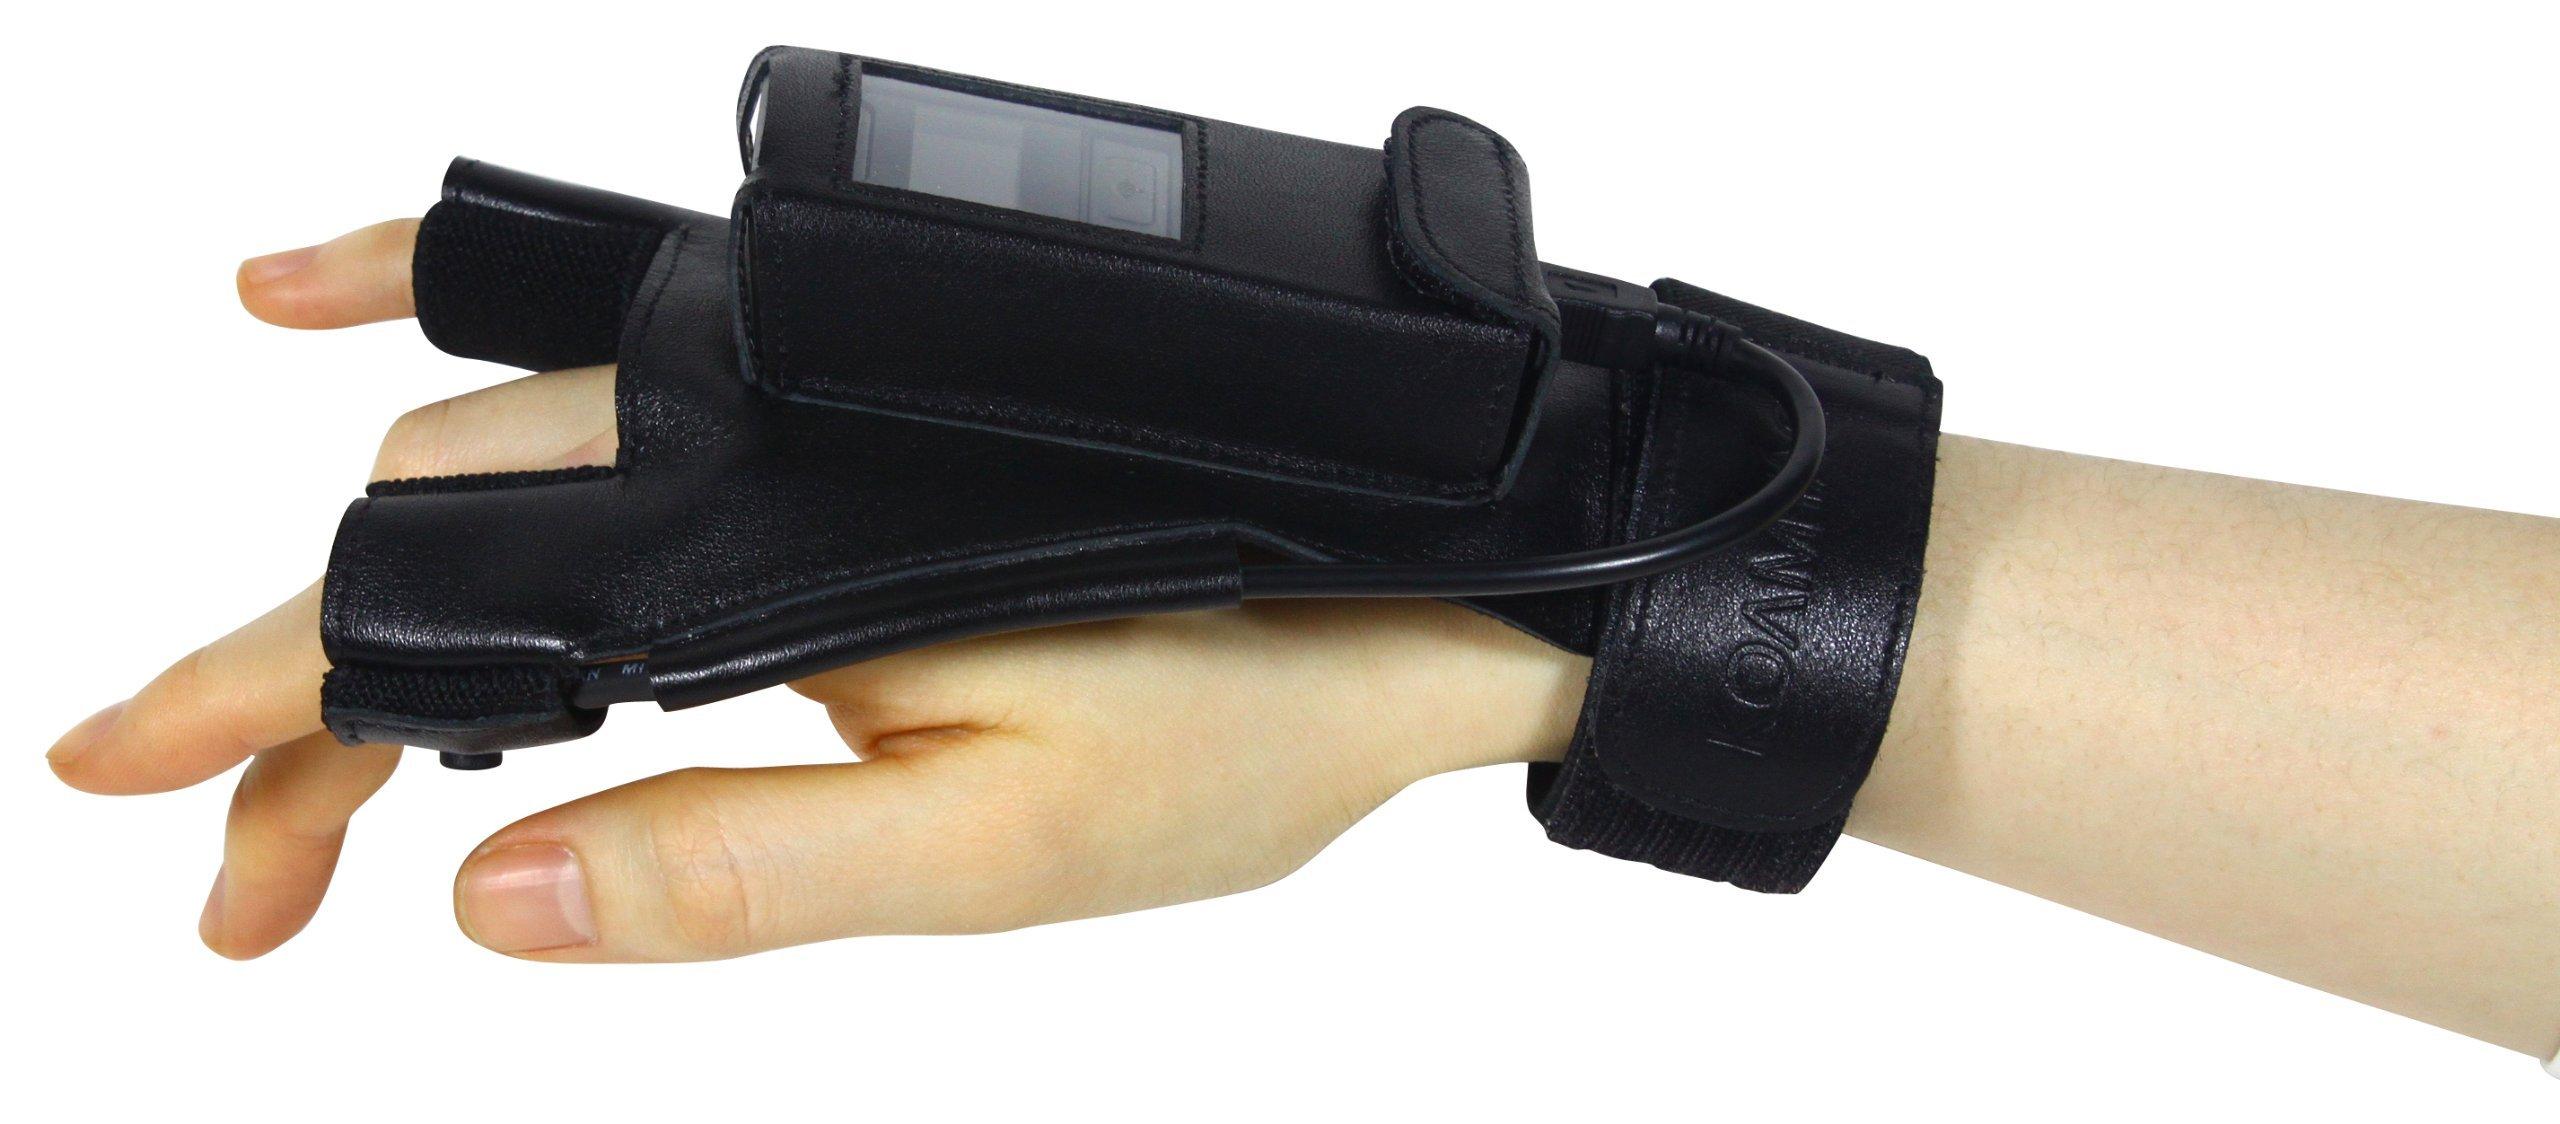 KDC200 Finger Trigger Glove Right Small Size